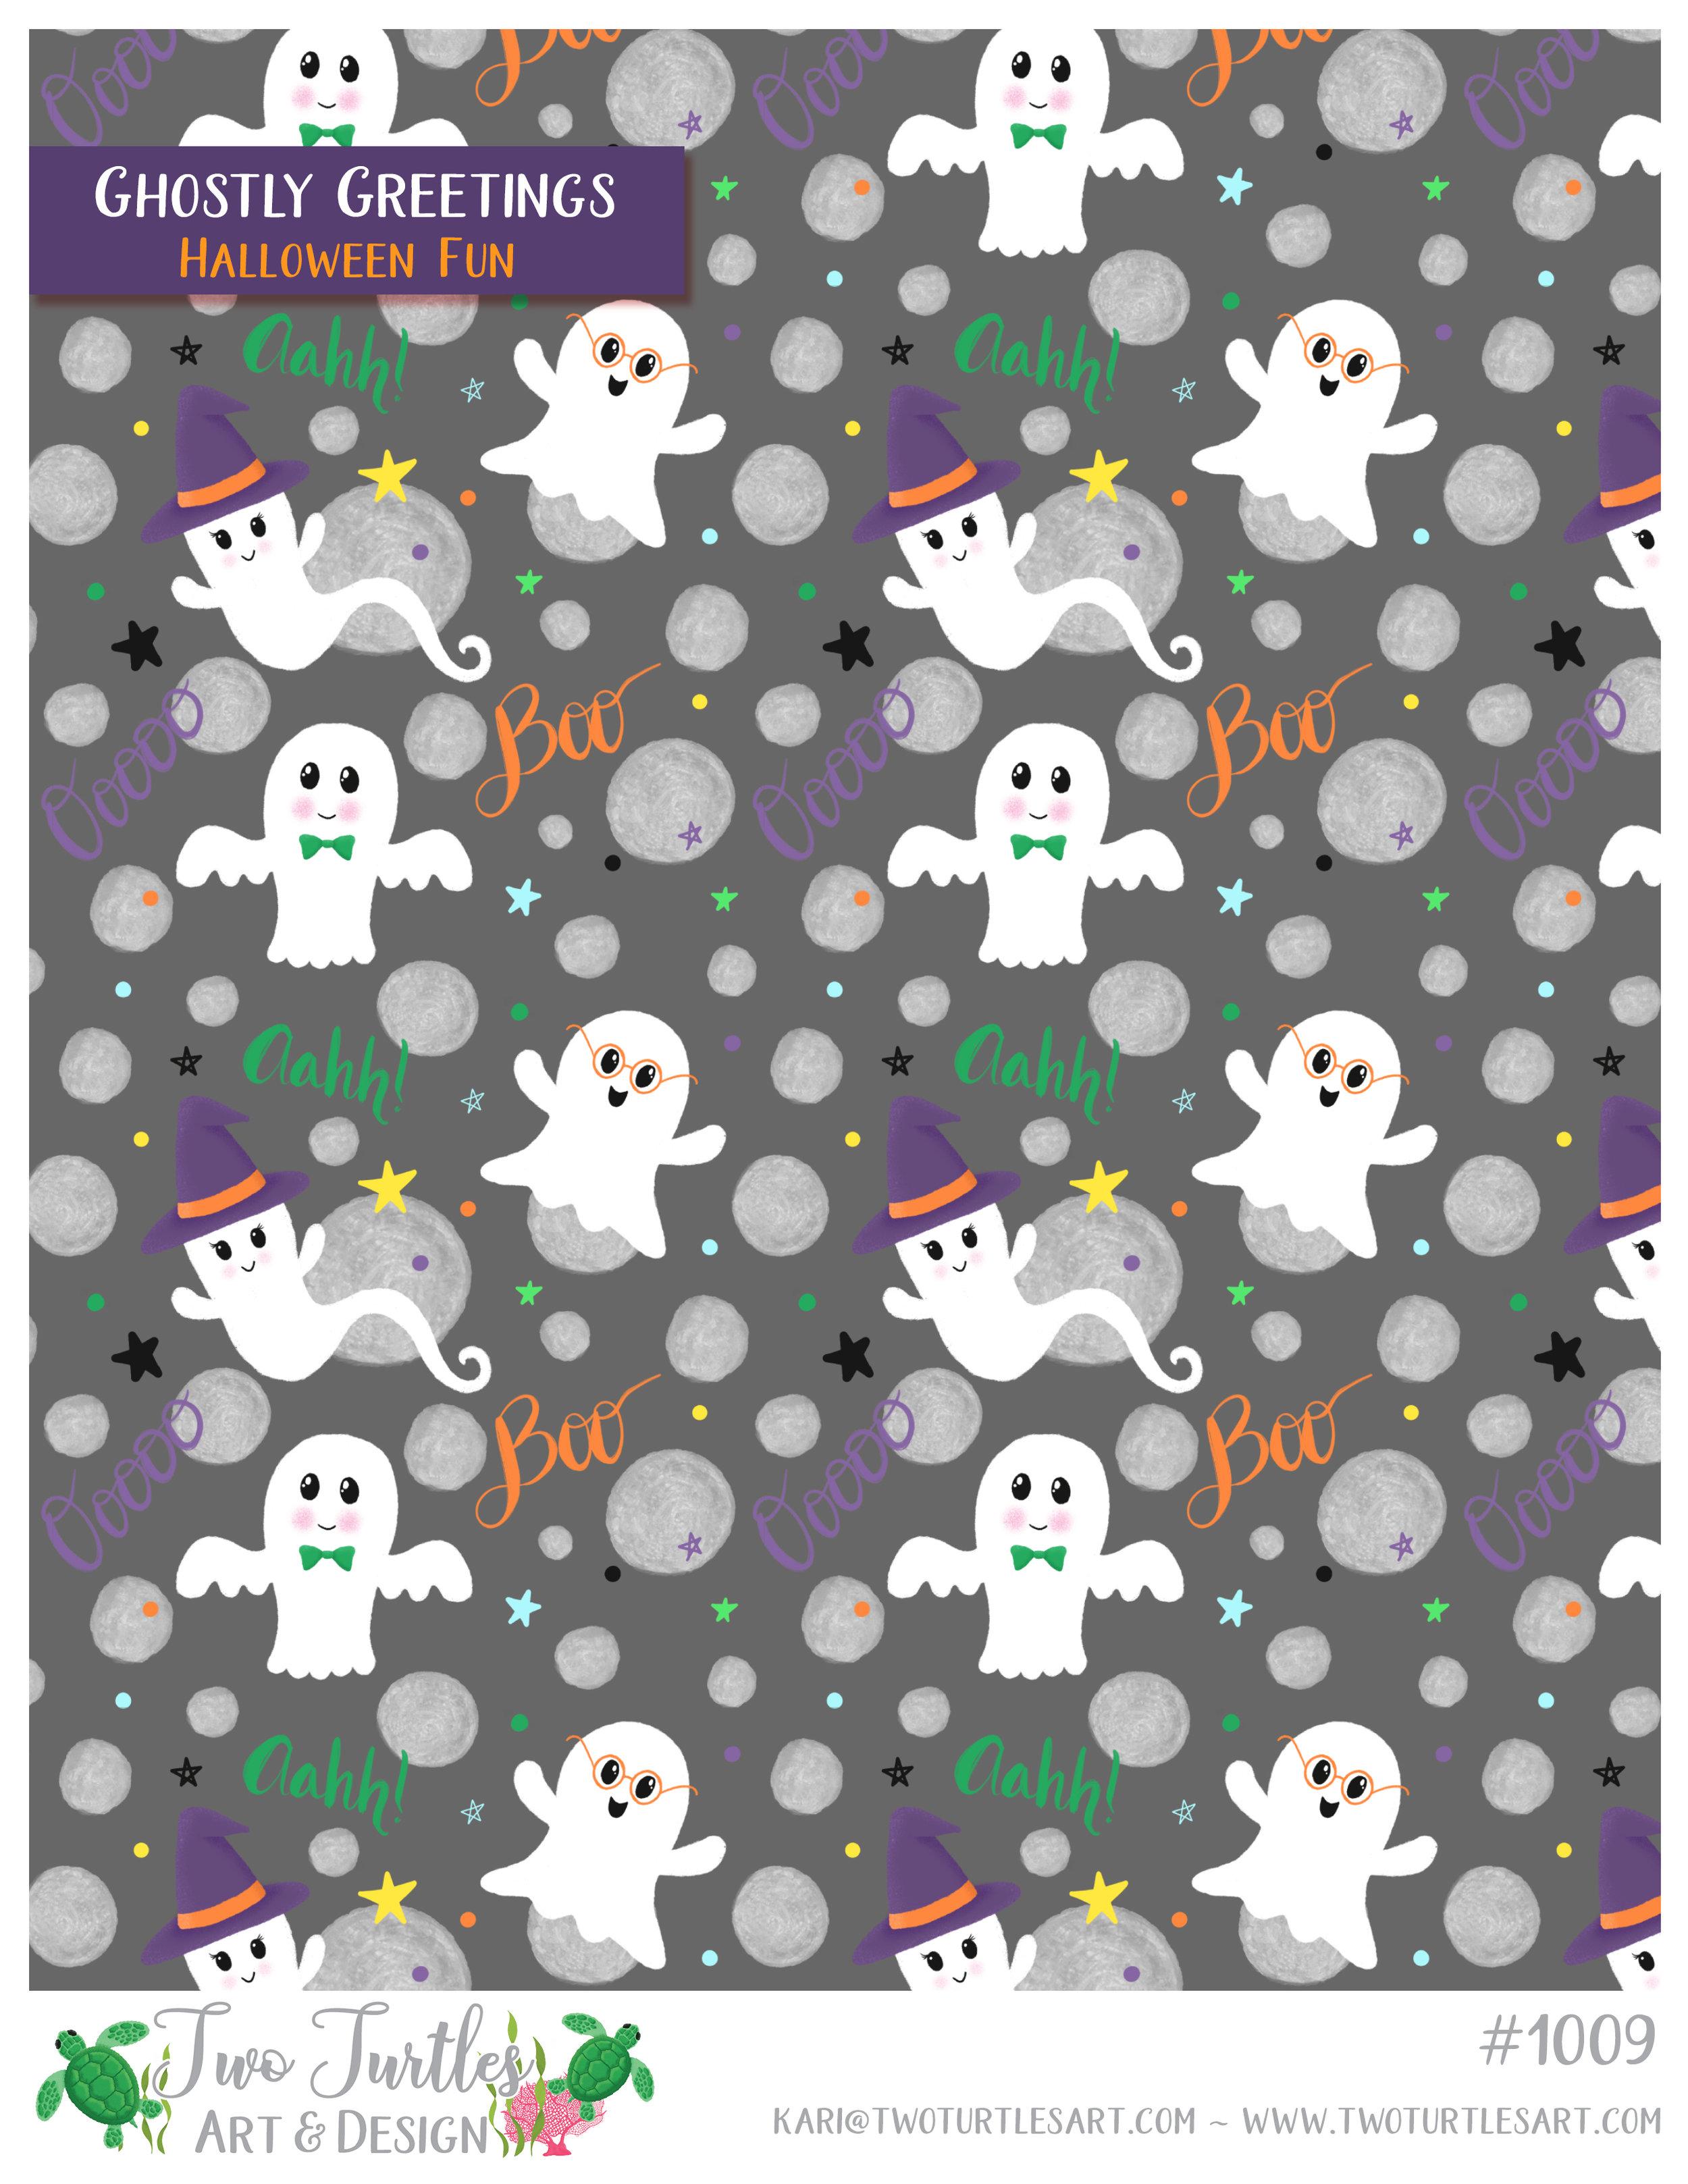 1037 - Ghostly Greetings.jpg